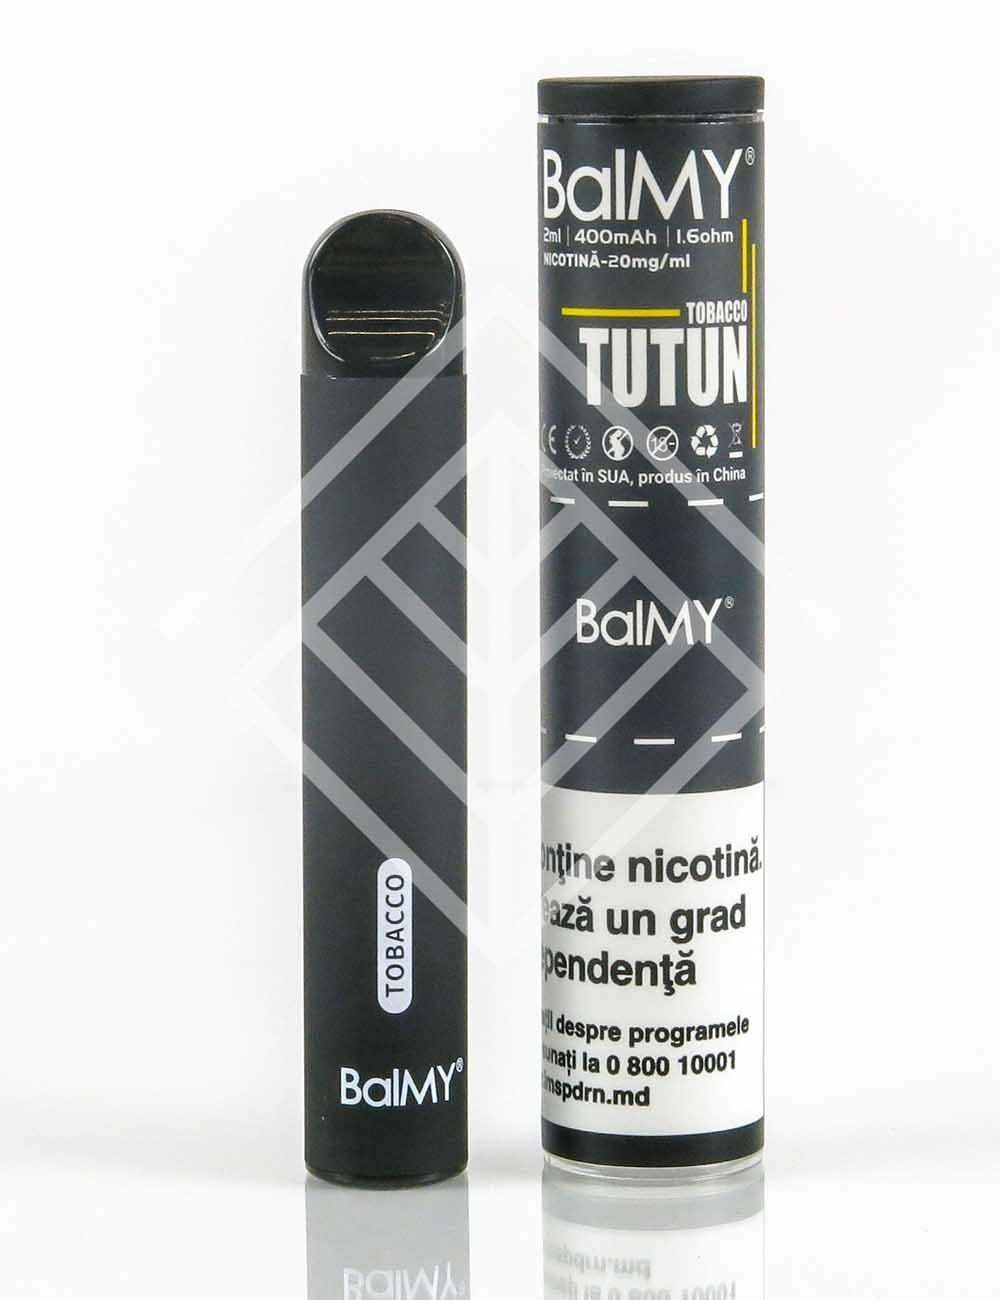 BalMY500 Tabacco